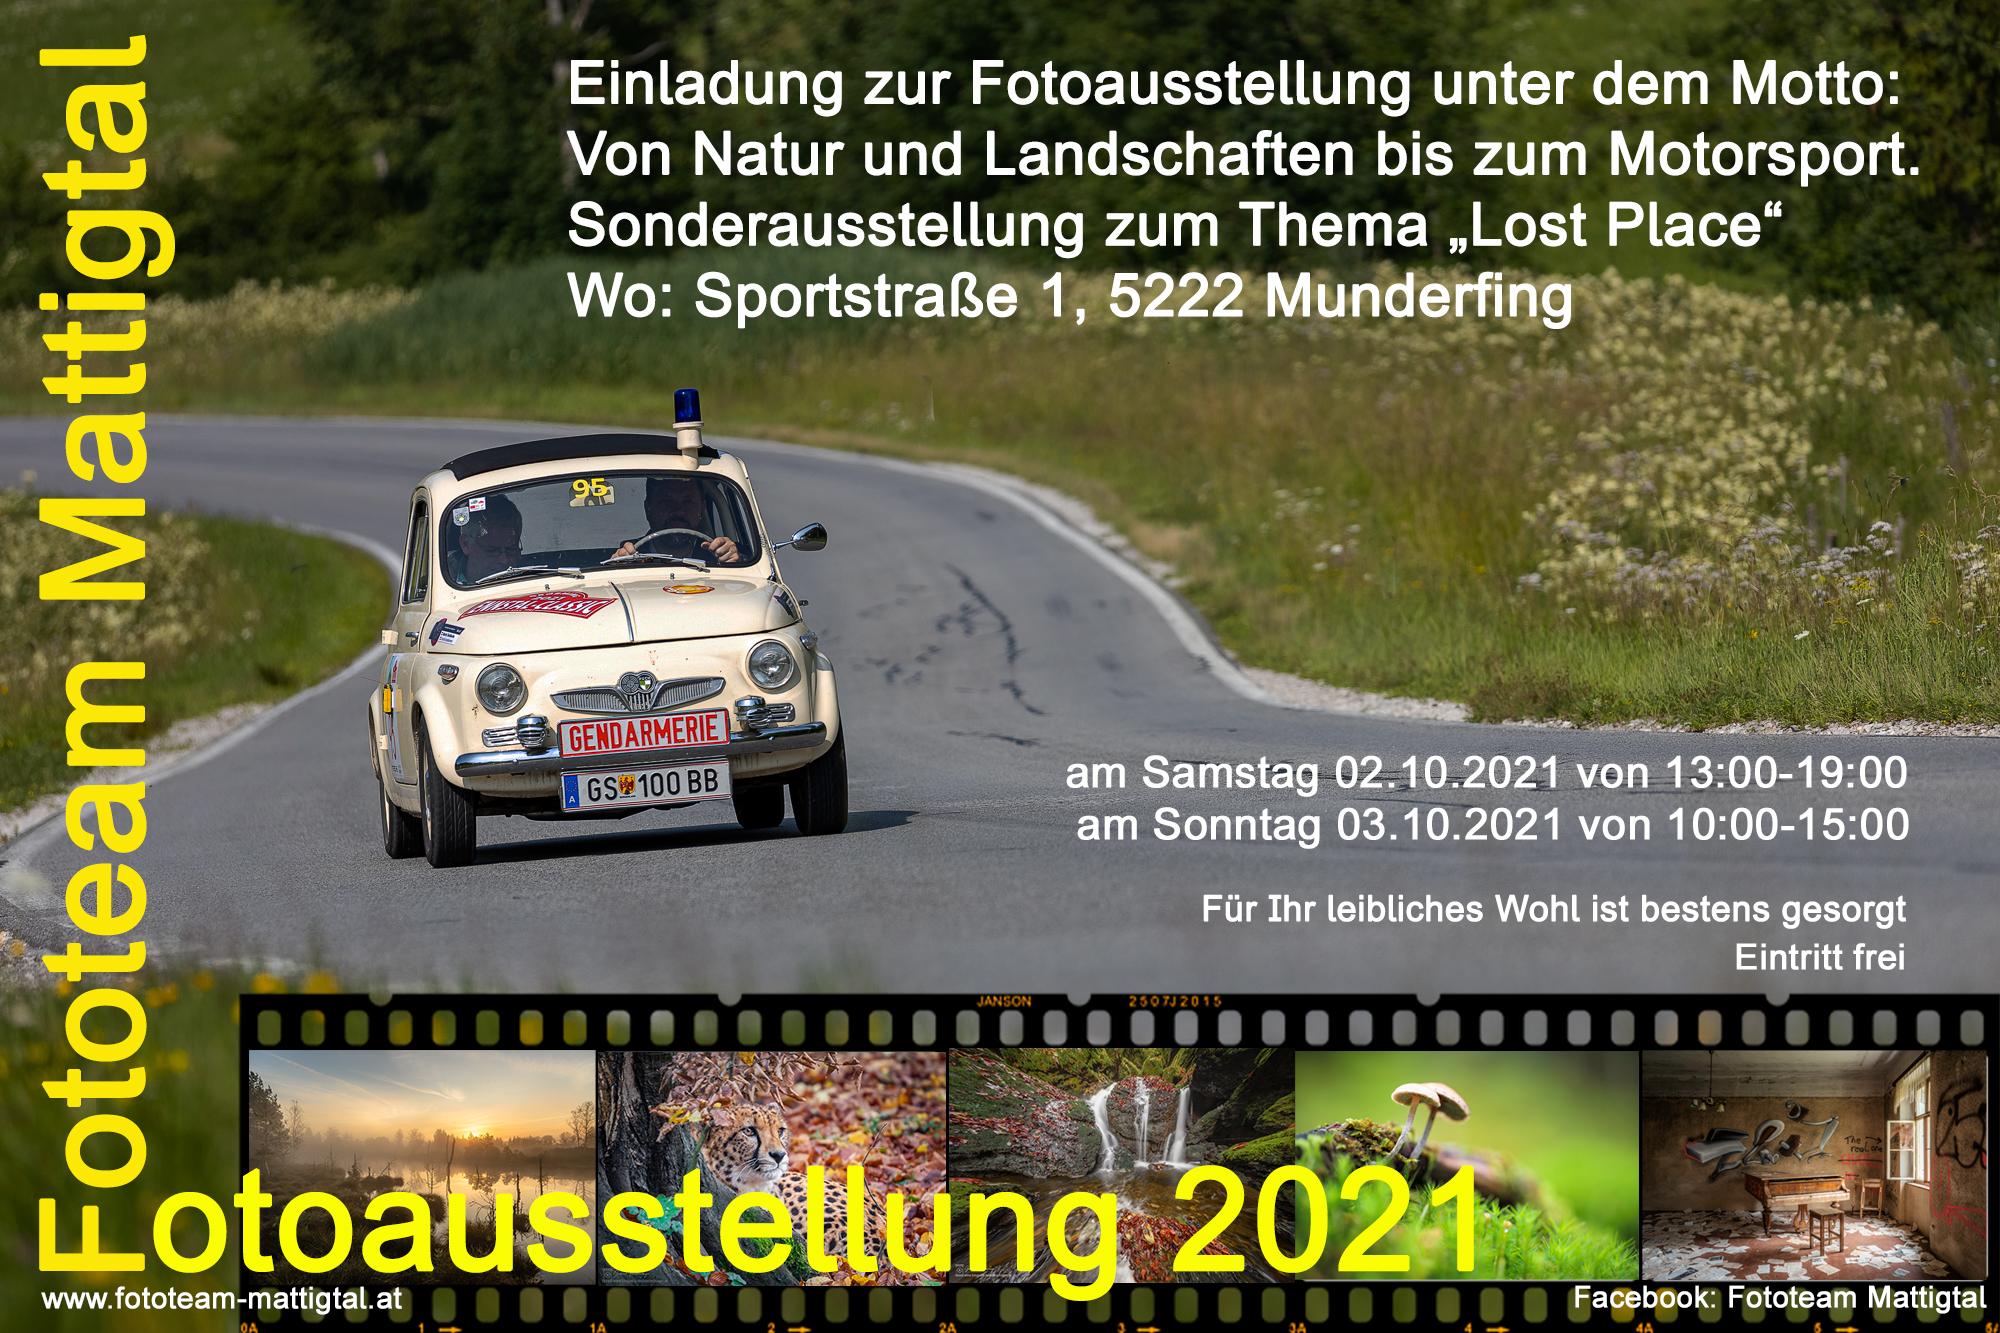 Vorbereitungen zur Fotoausstellung 2021